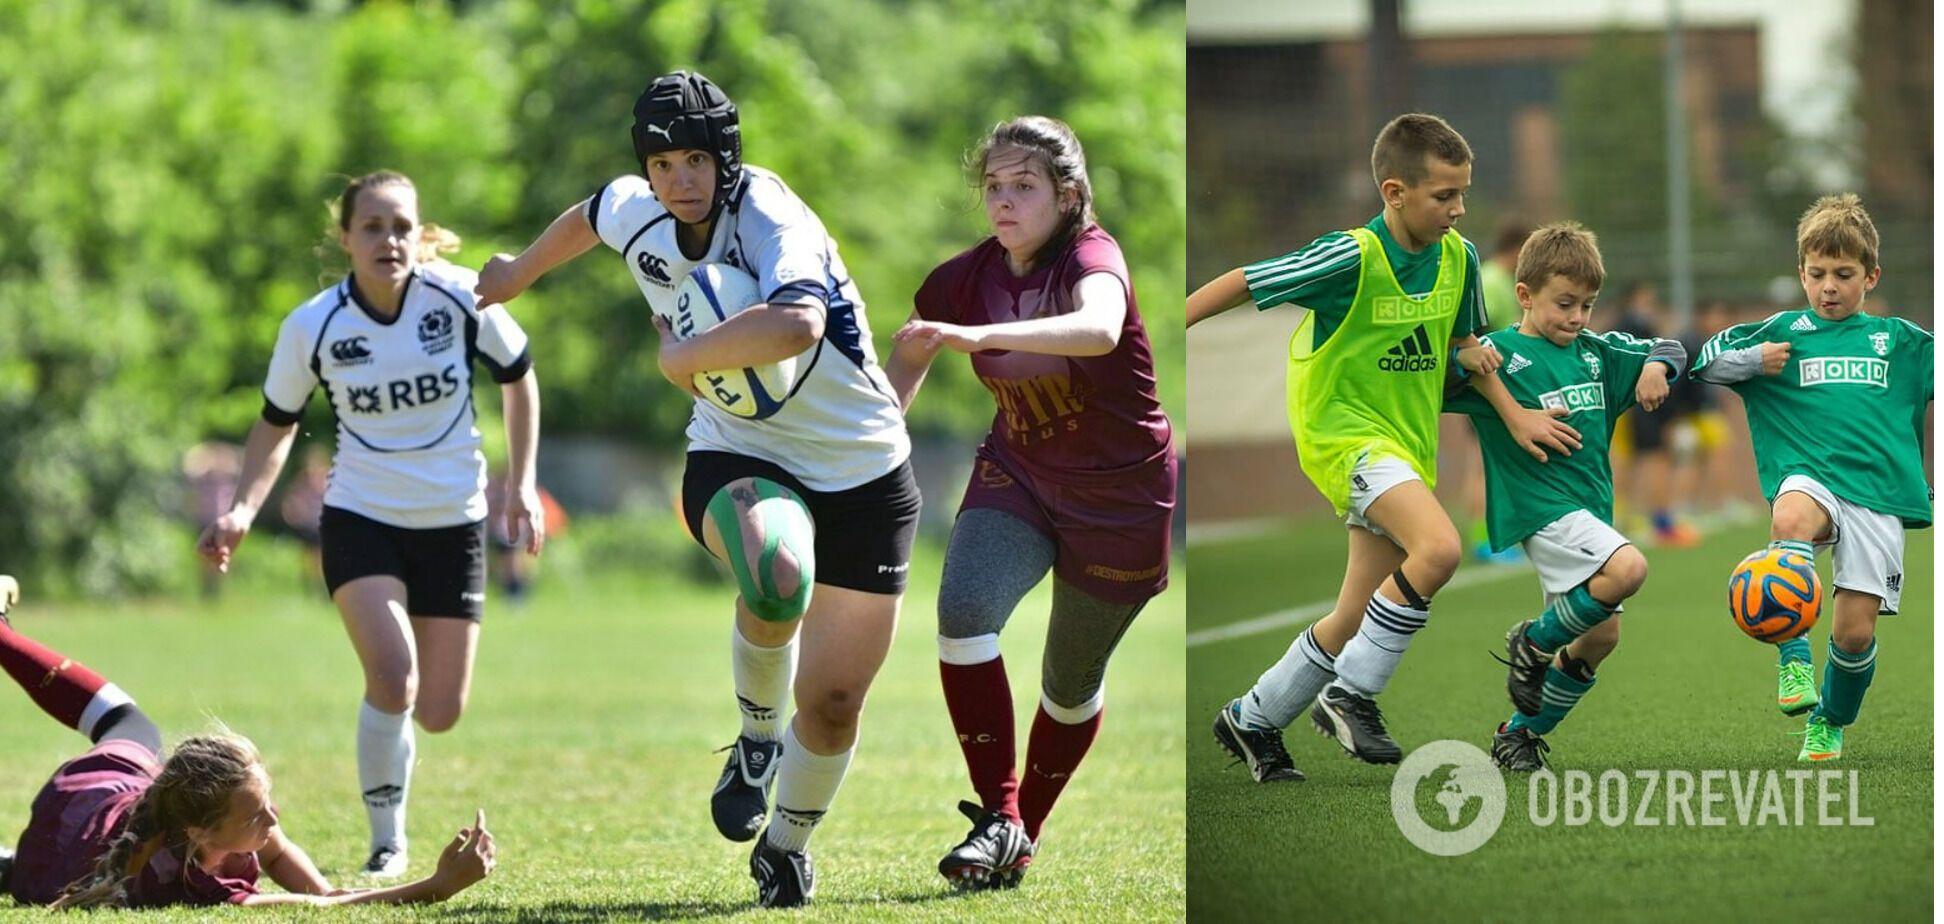 Занятия регби и футболом могут повлиять на долголетие человека